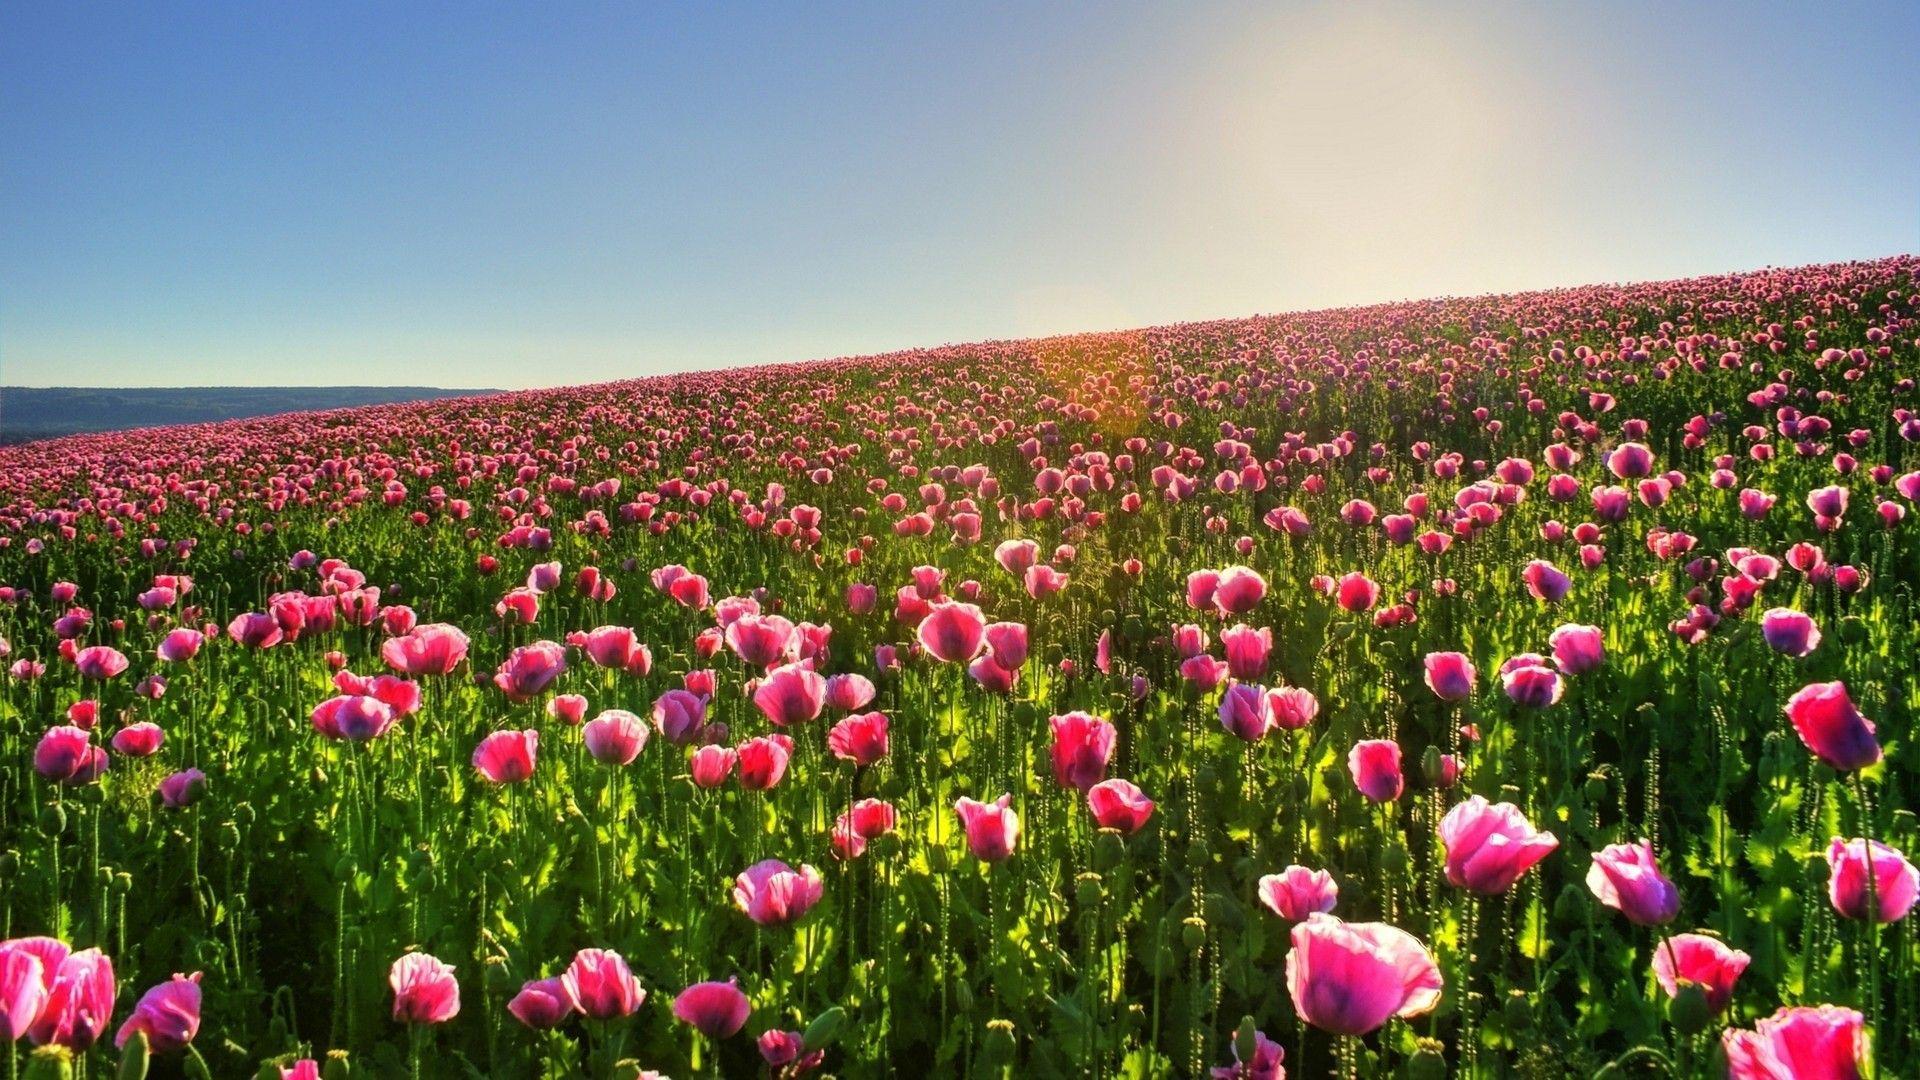 Hillside Field Of Pink Poppy Flowers 1920x1080 Field Pink Poppy